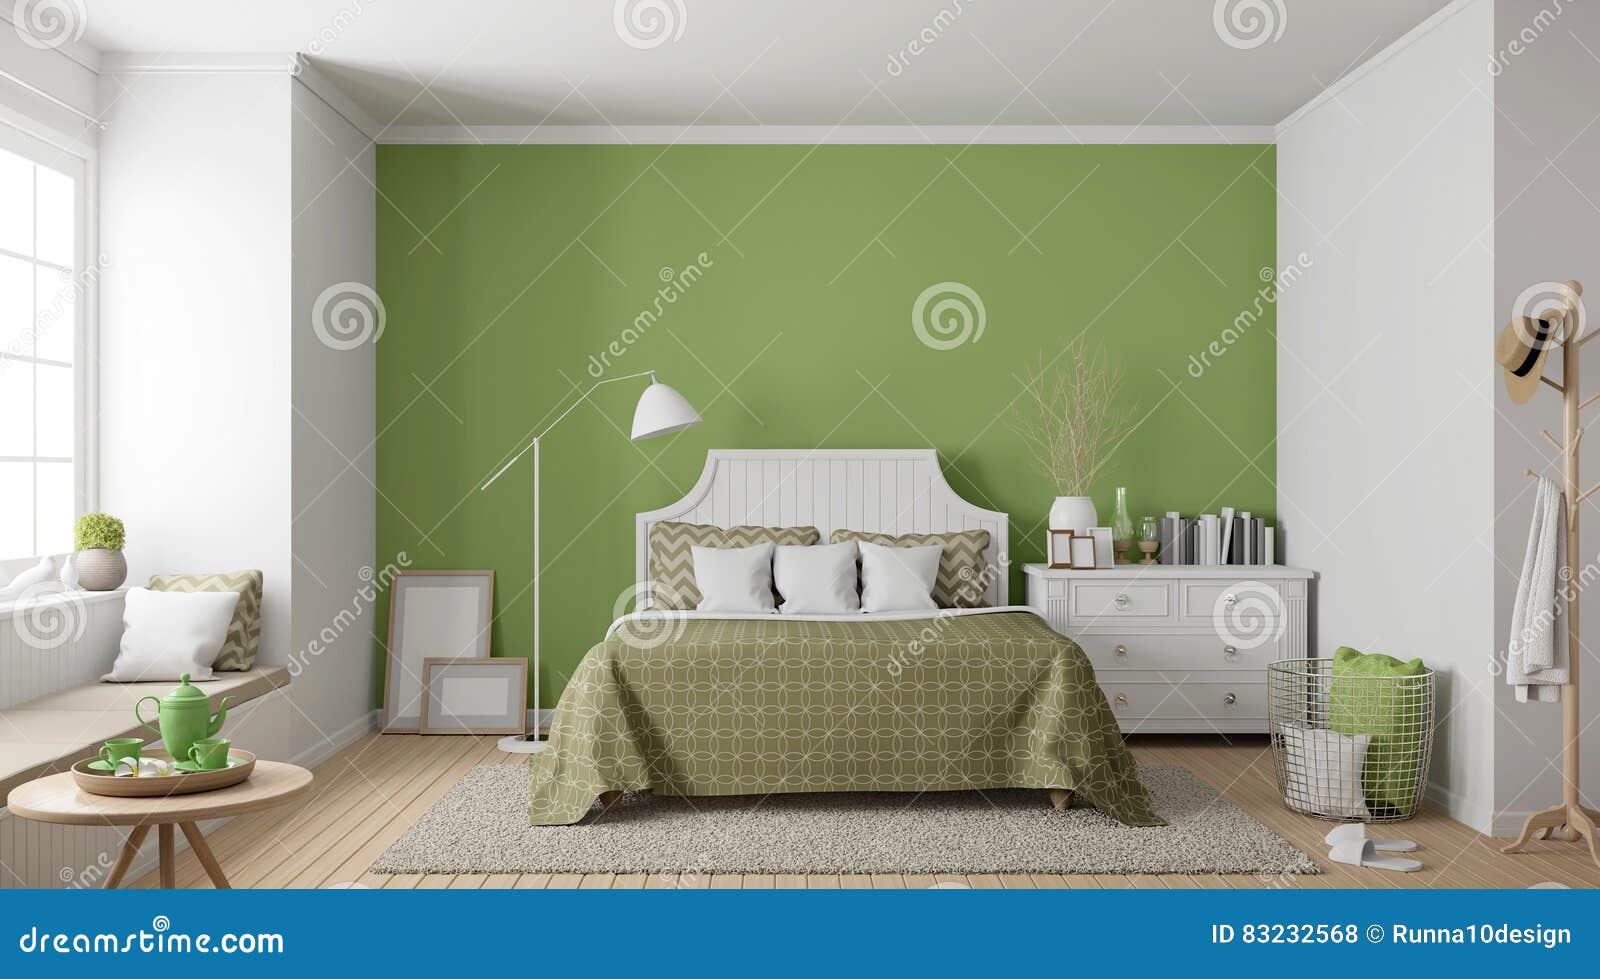 Modern Vintage Bedroom 3d Rendering Image Stock Illustration ...